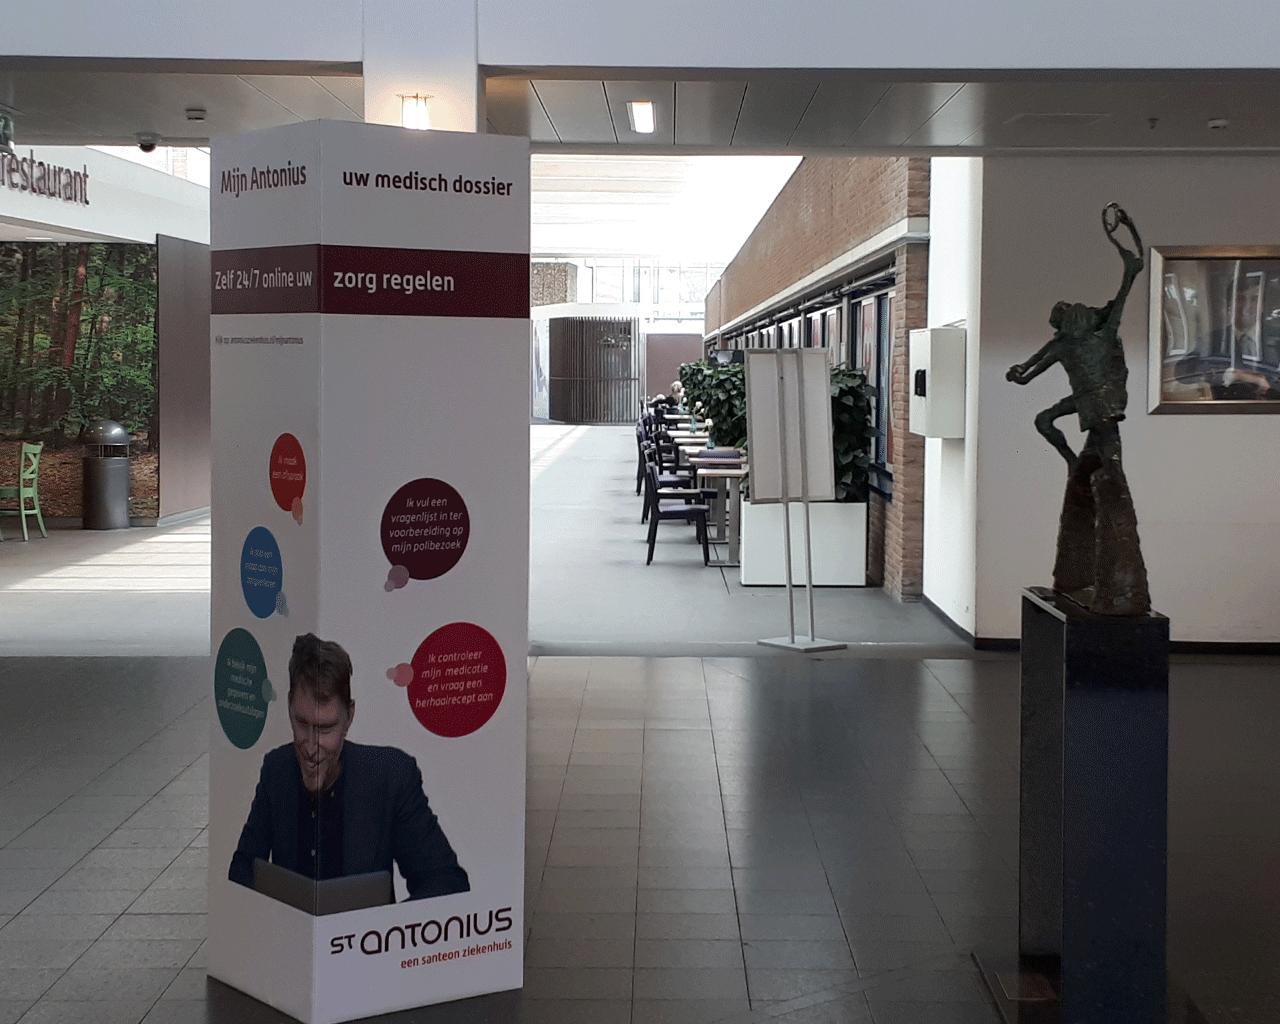 Informatiezuil, signing geplaatst door Smooth Sign voor ziekenhuizen in Woerden, Utrecht en omgeving